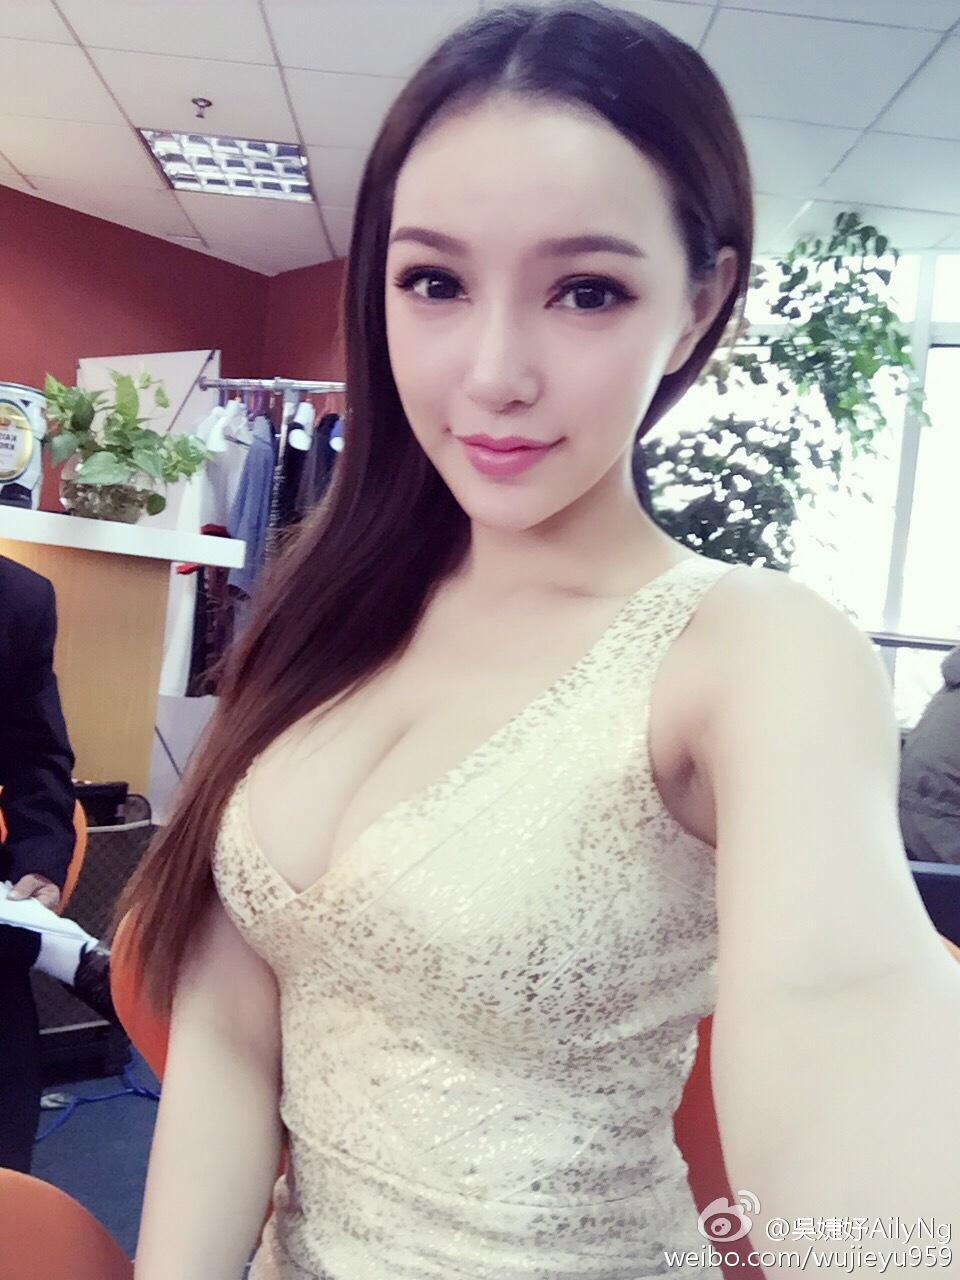 吴婕妤喜爱夜蒲大尺度人体照曝光(2)